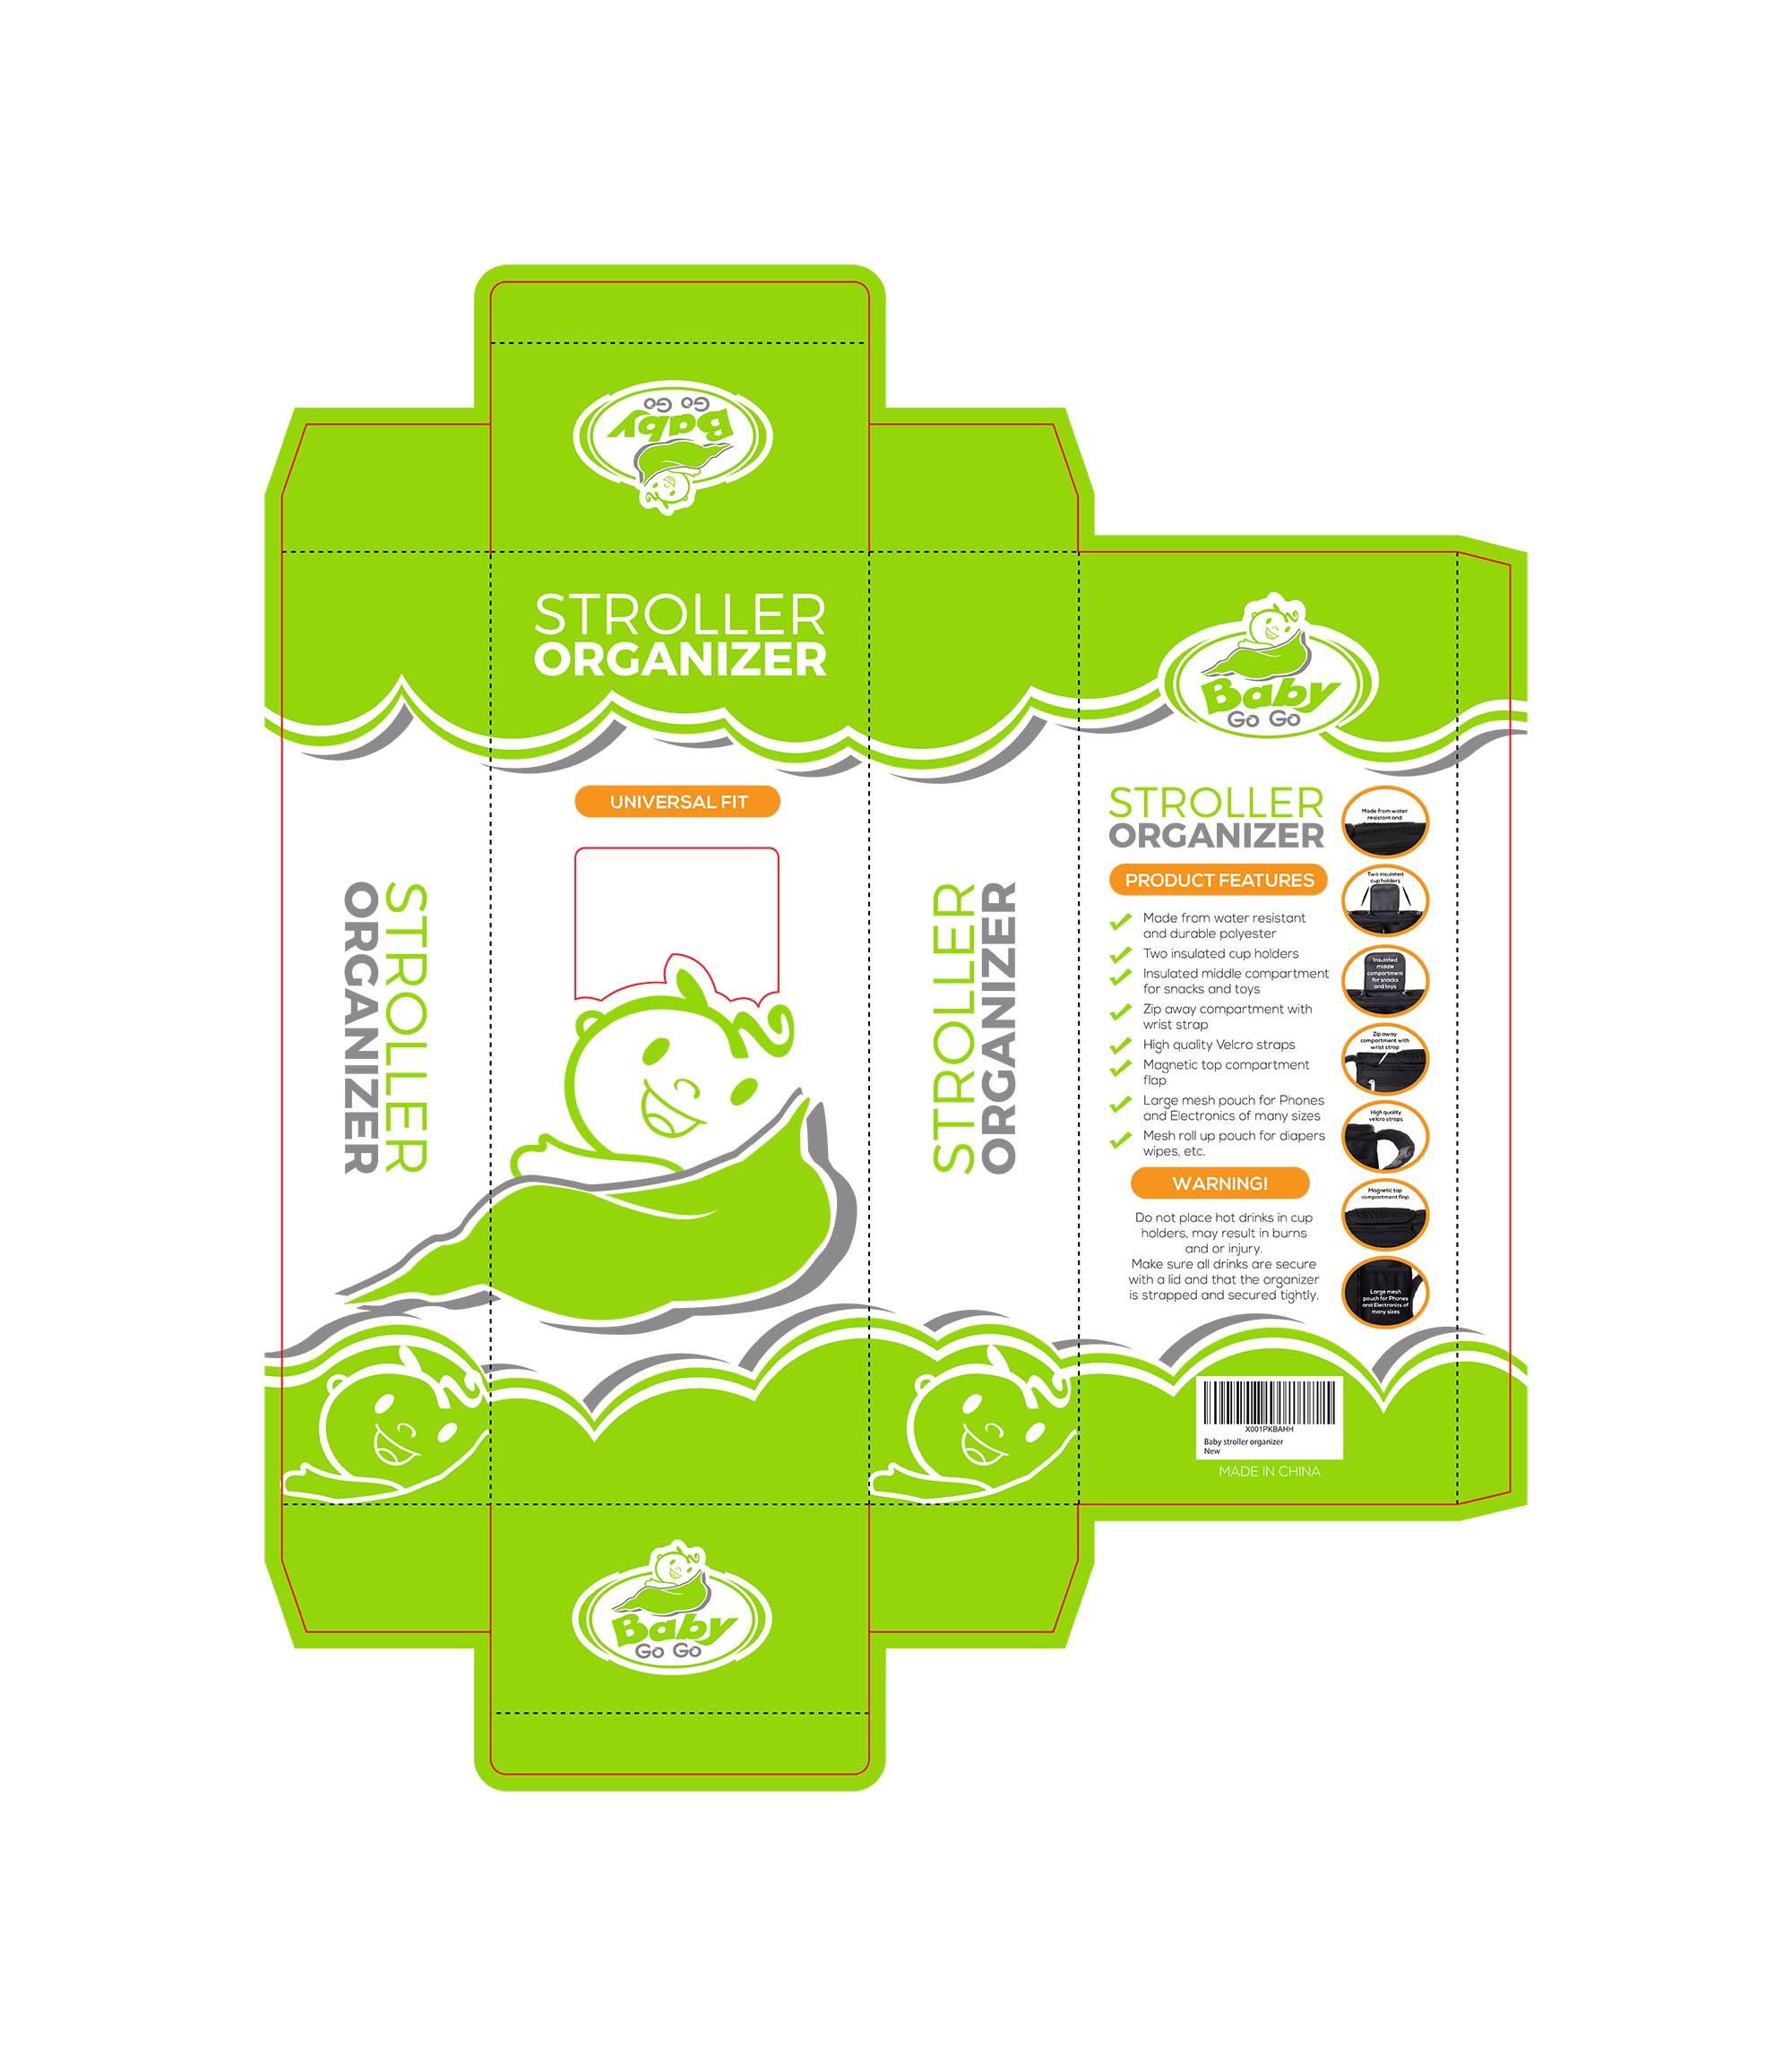 Baby stroller Organizer Packaging designs